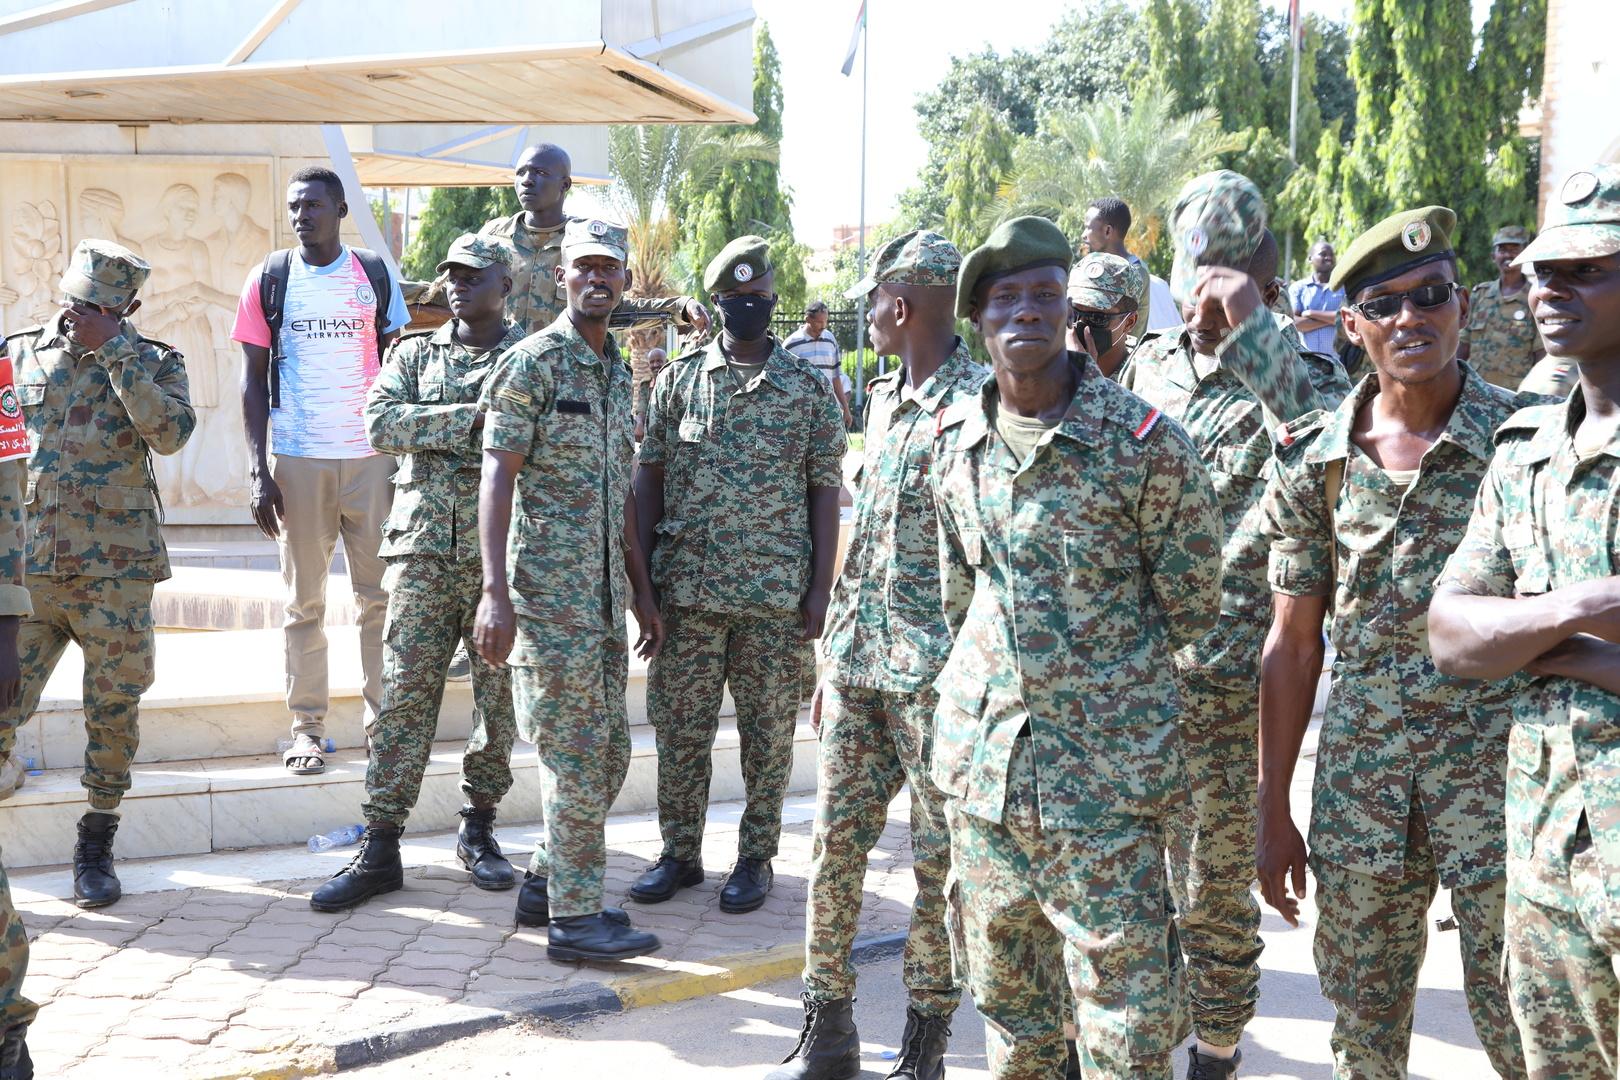 عناصر من الجيش السوداني أمام القصر الرئاسي في الخرطوم